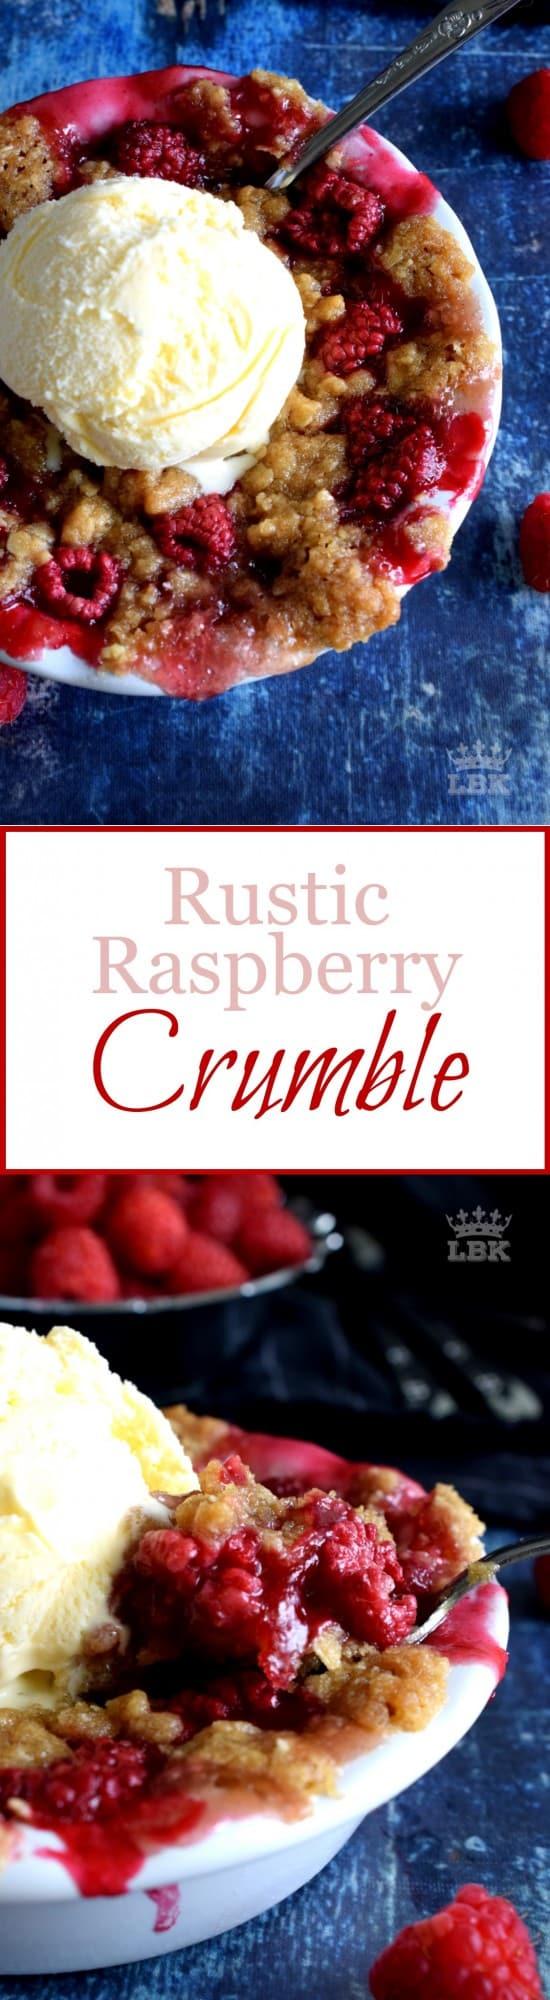 Rustic Raspberry Crumble